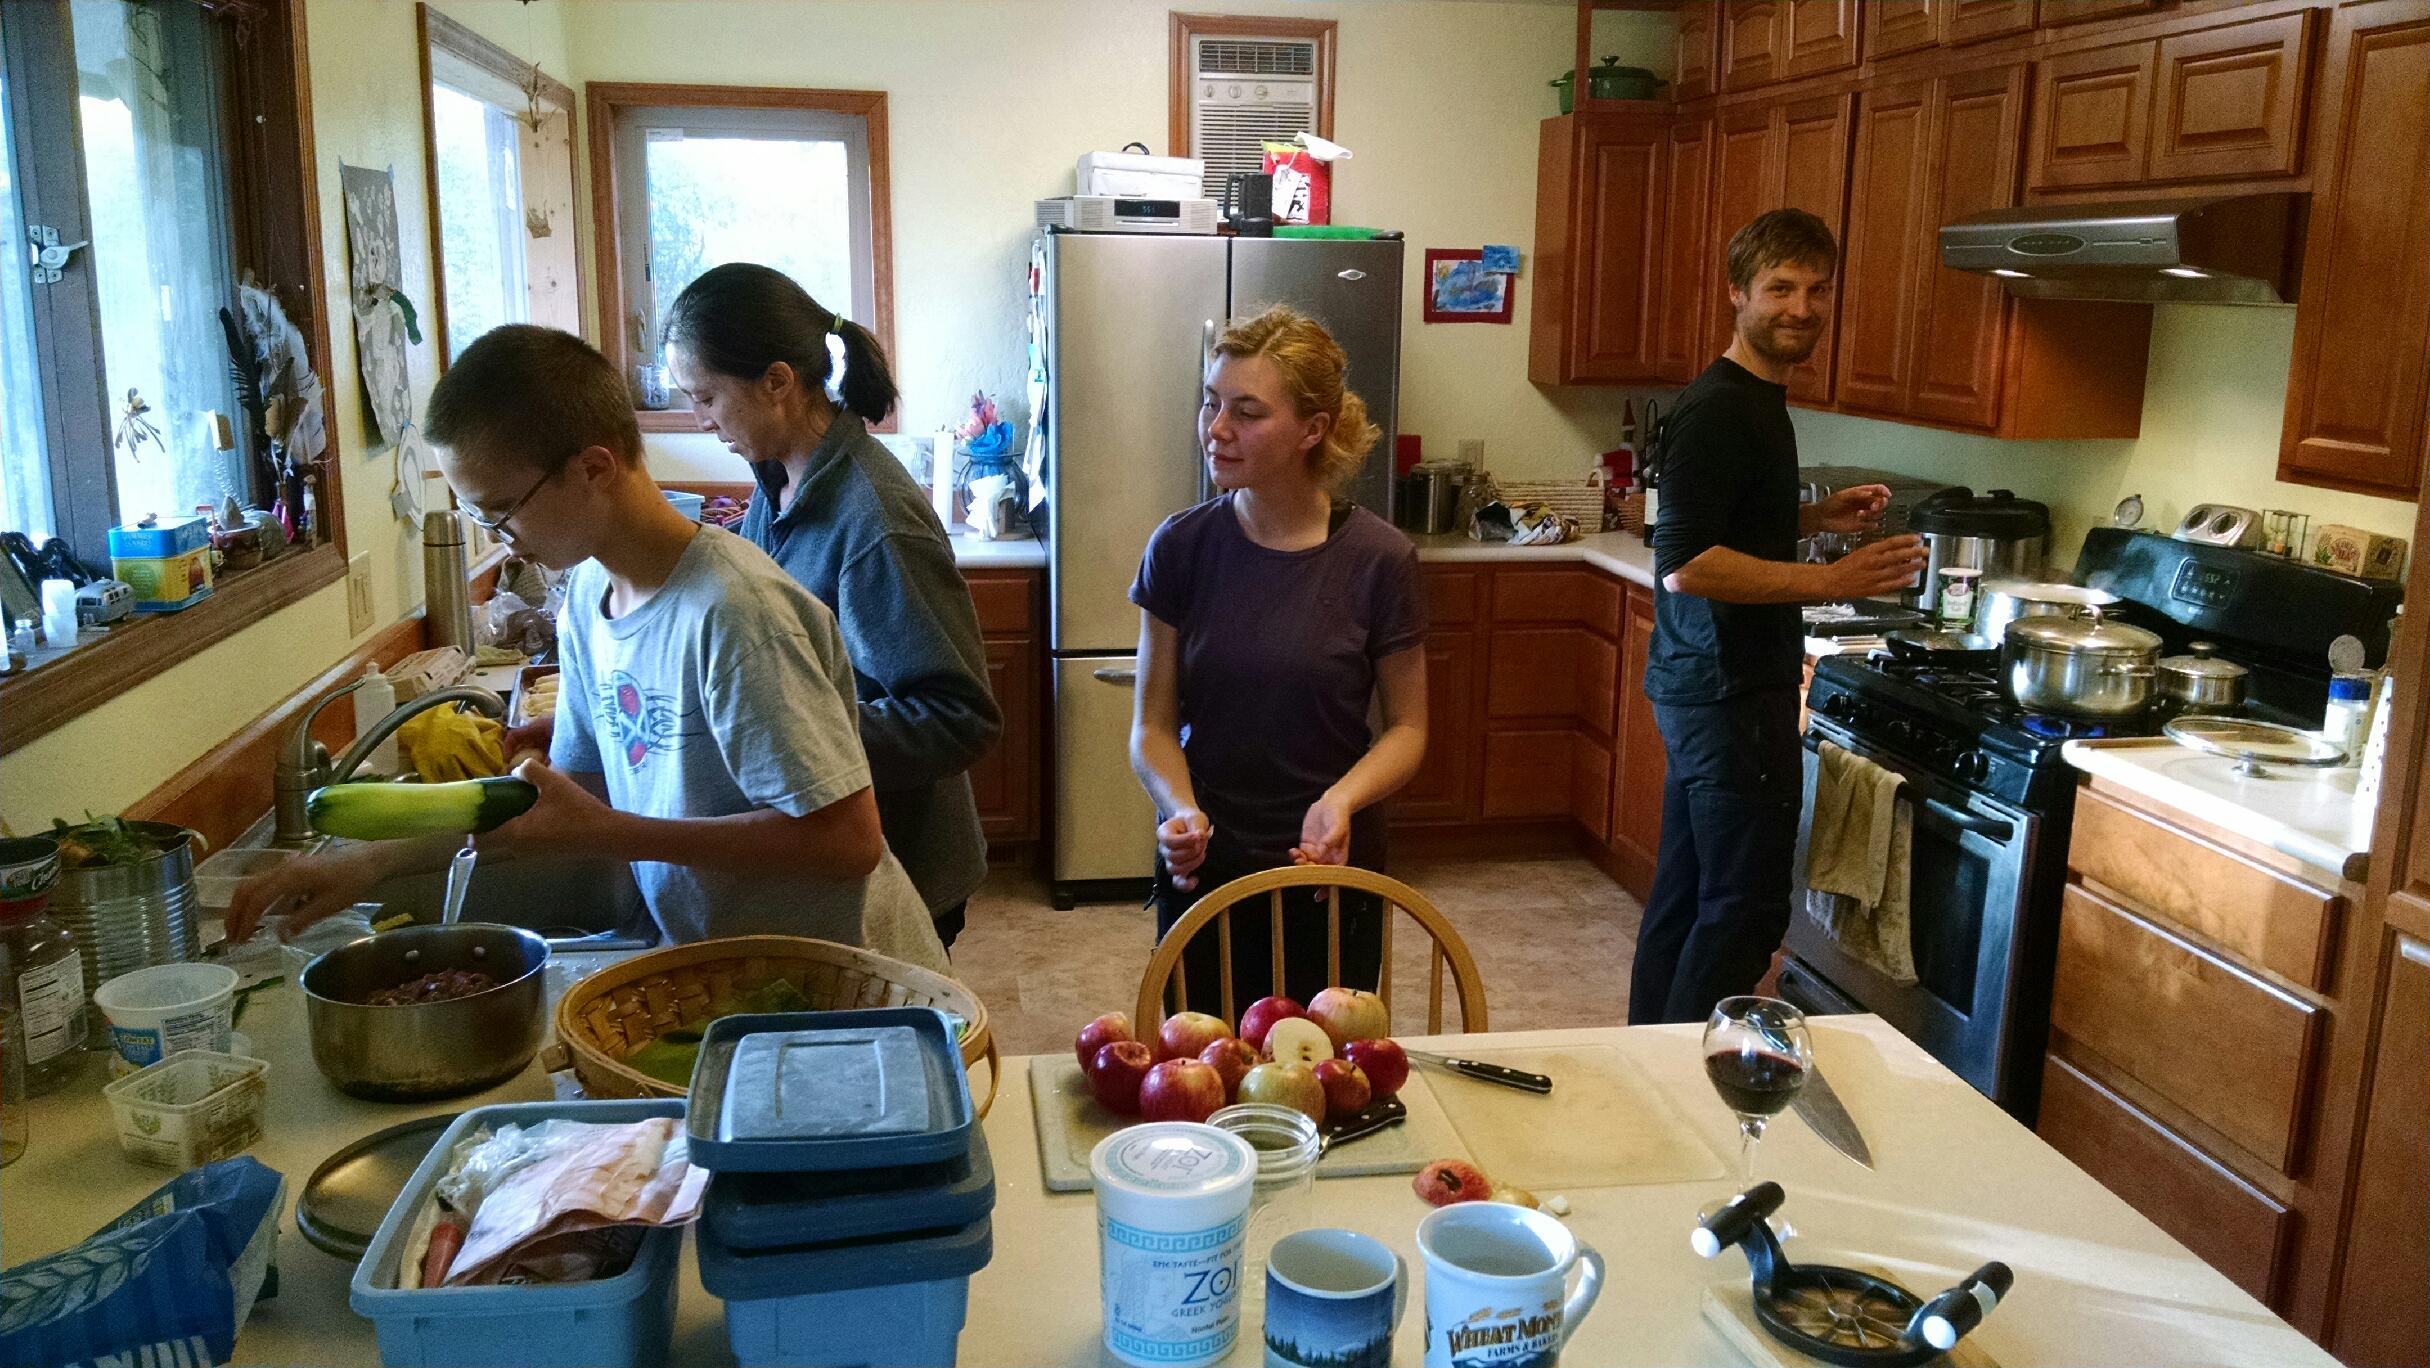 Montana cz. 2. Ciąg dalszy amerykańskich doświadczeń nie tylko kulinarnych.